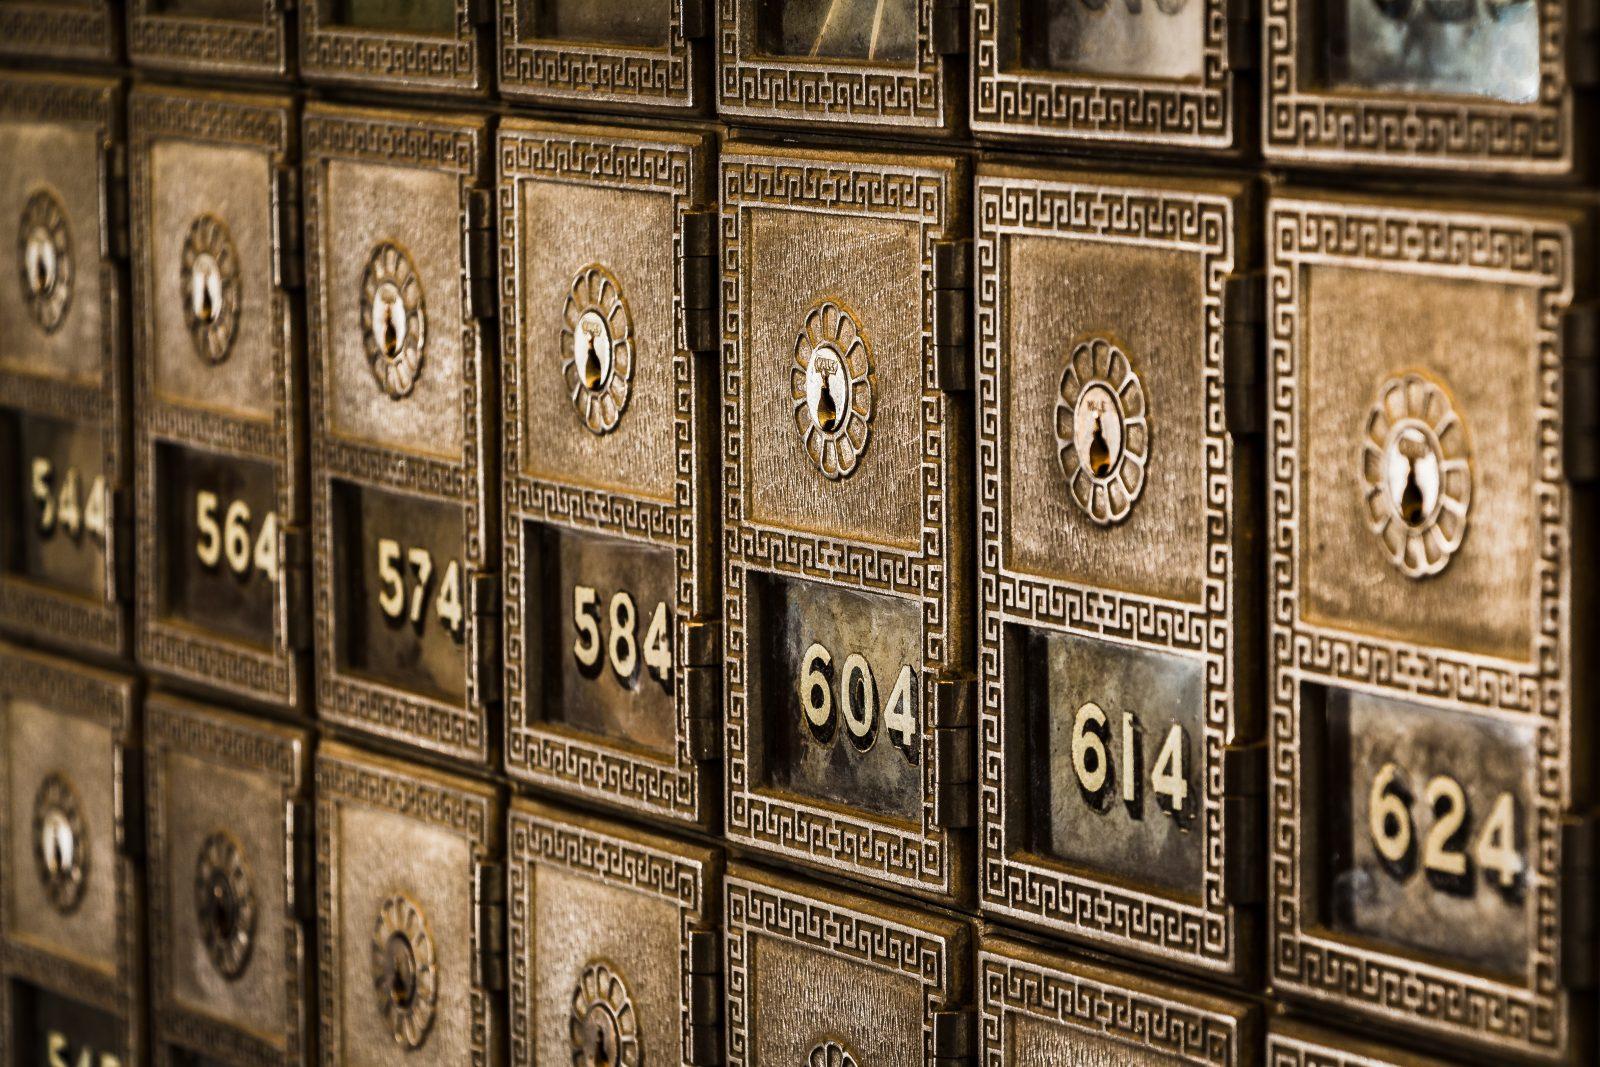 Comment les banques protègent-elles votre argent ?